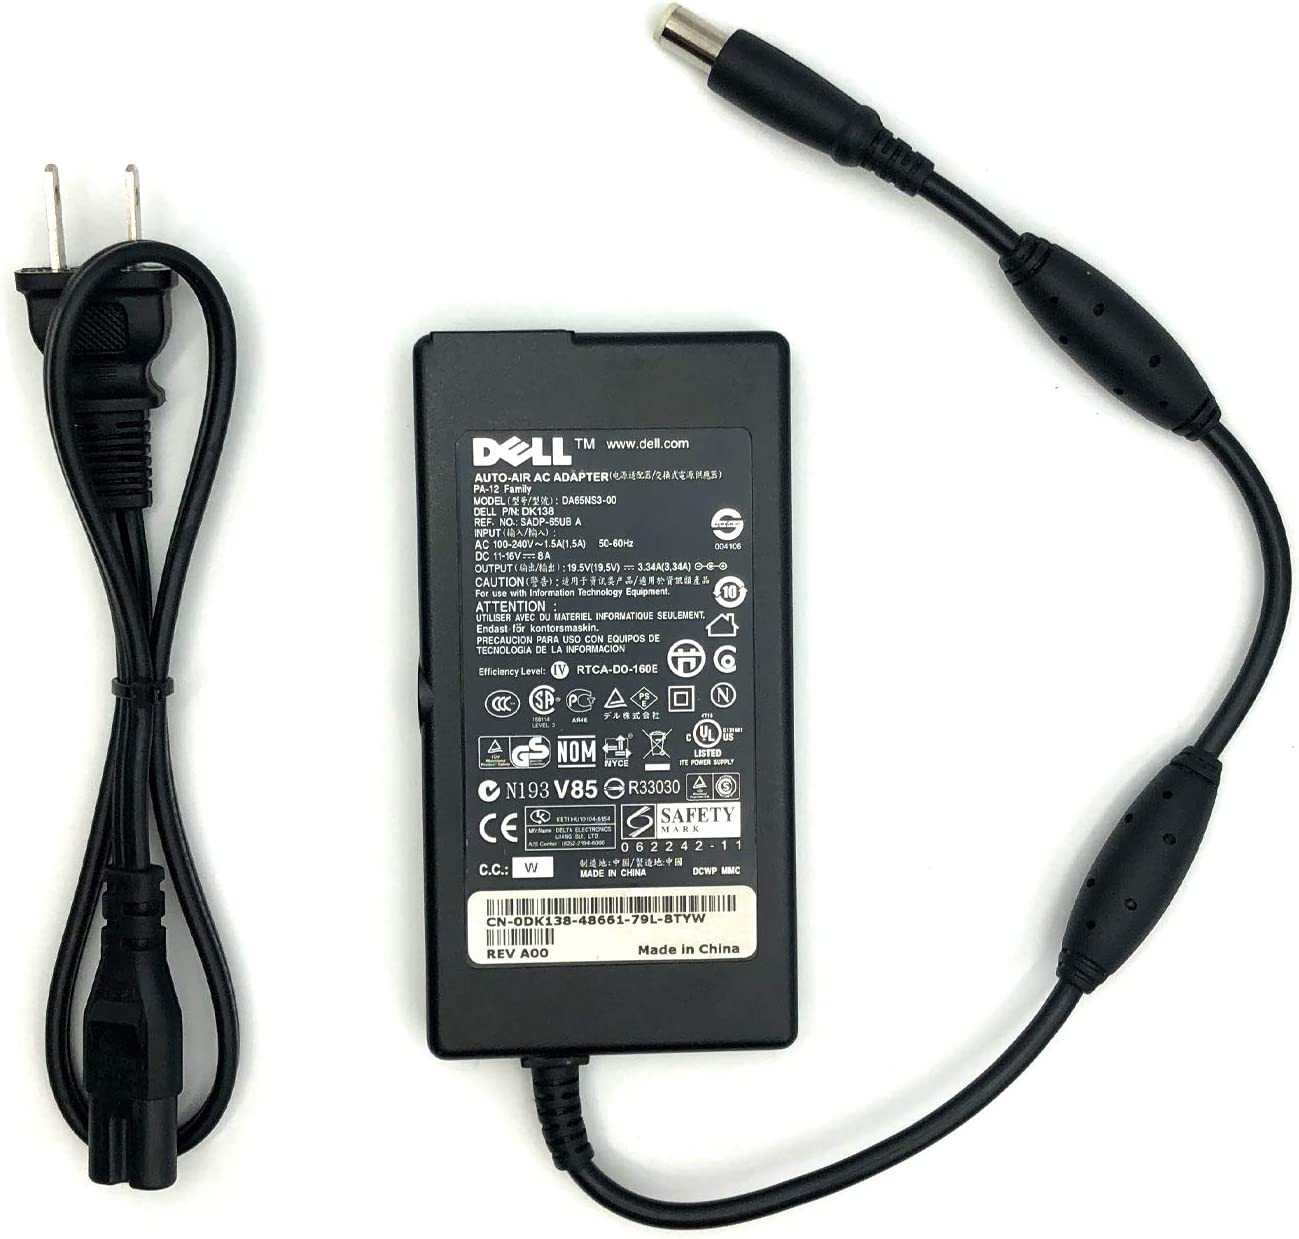 Genuine Dell Slim Auto Air AC Adaptor - DA65NS3-00